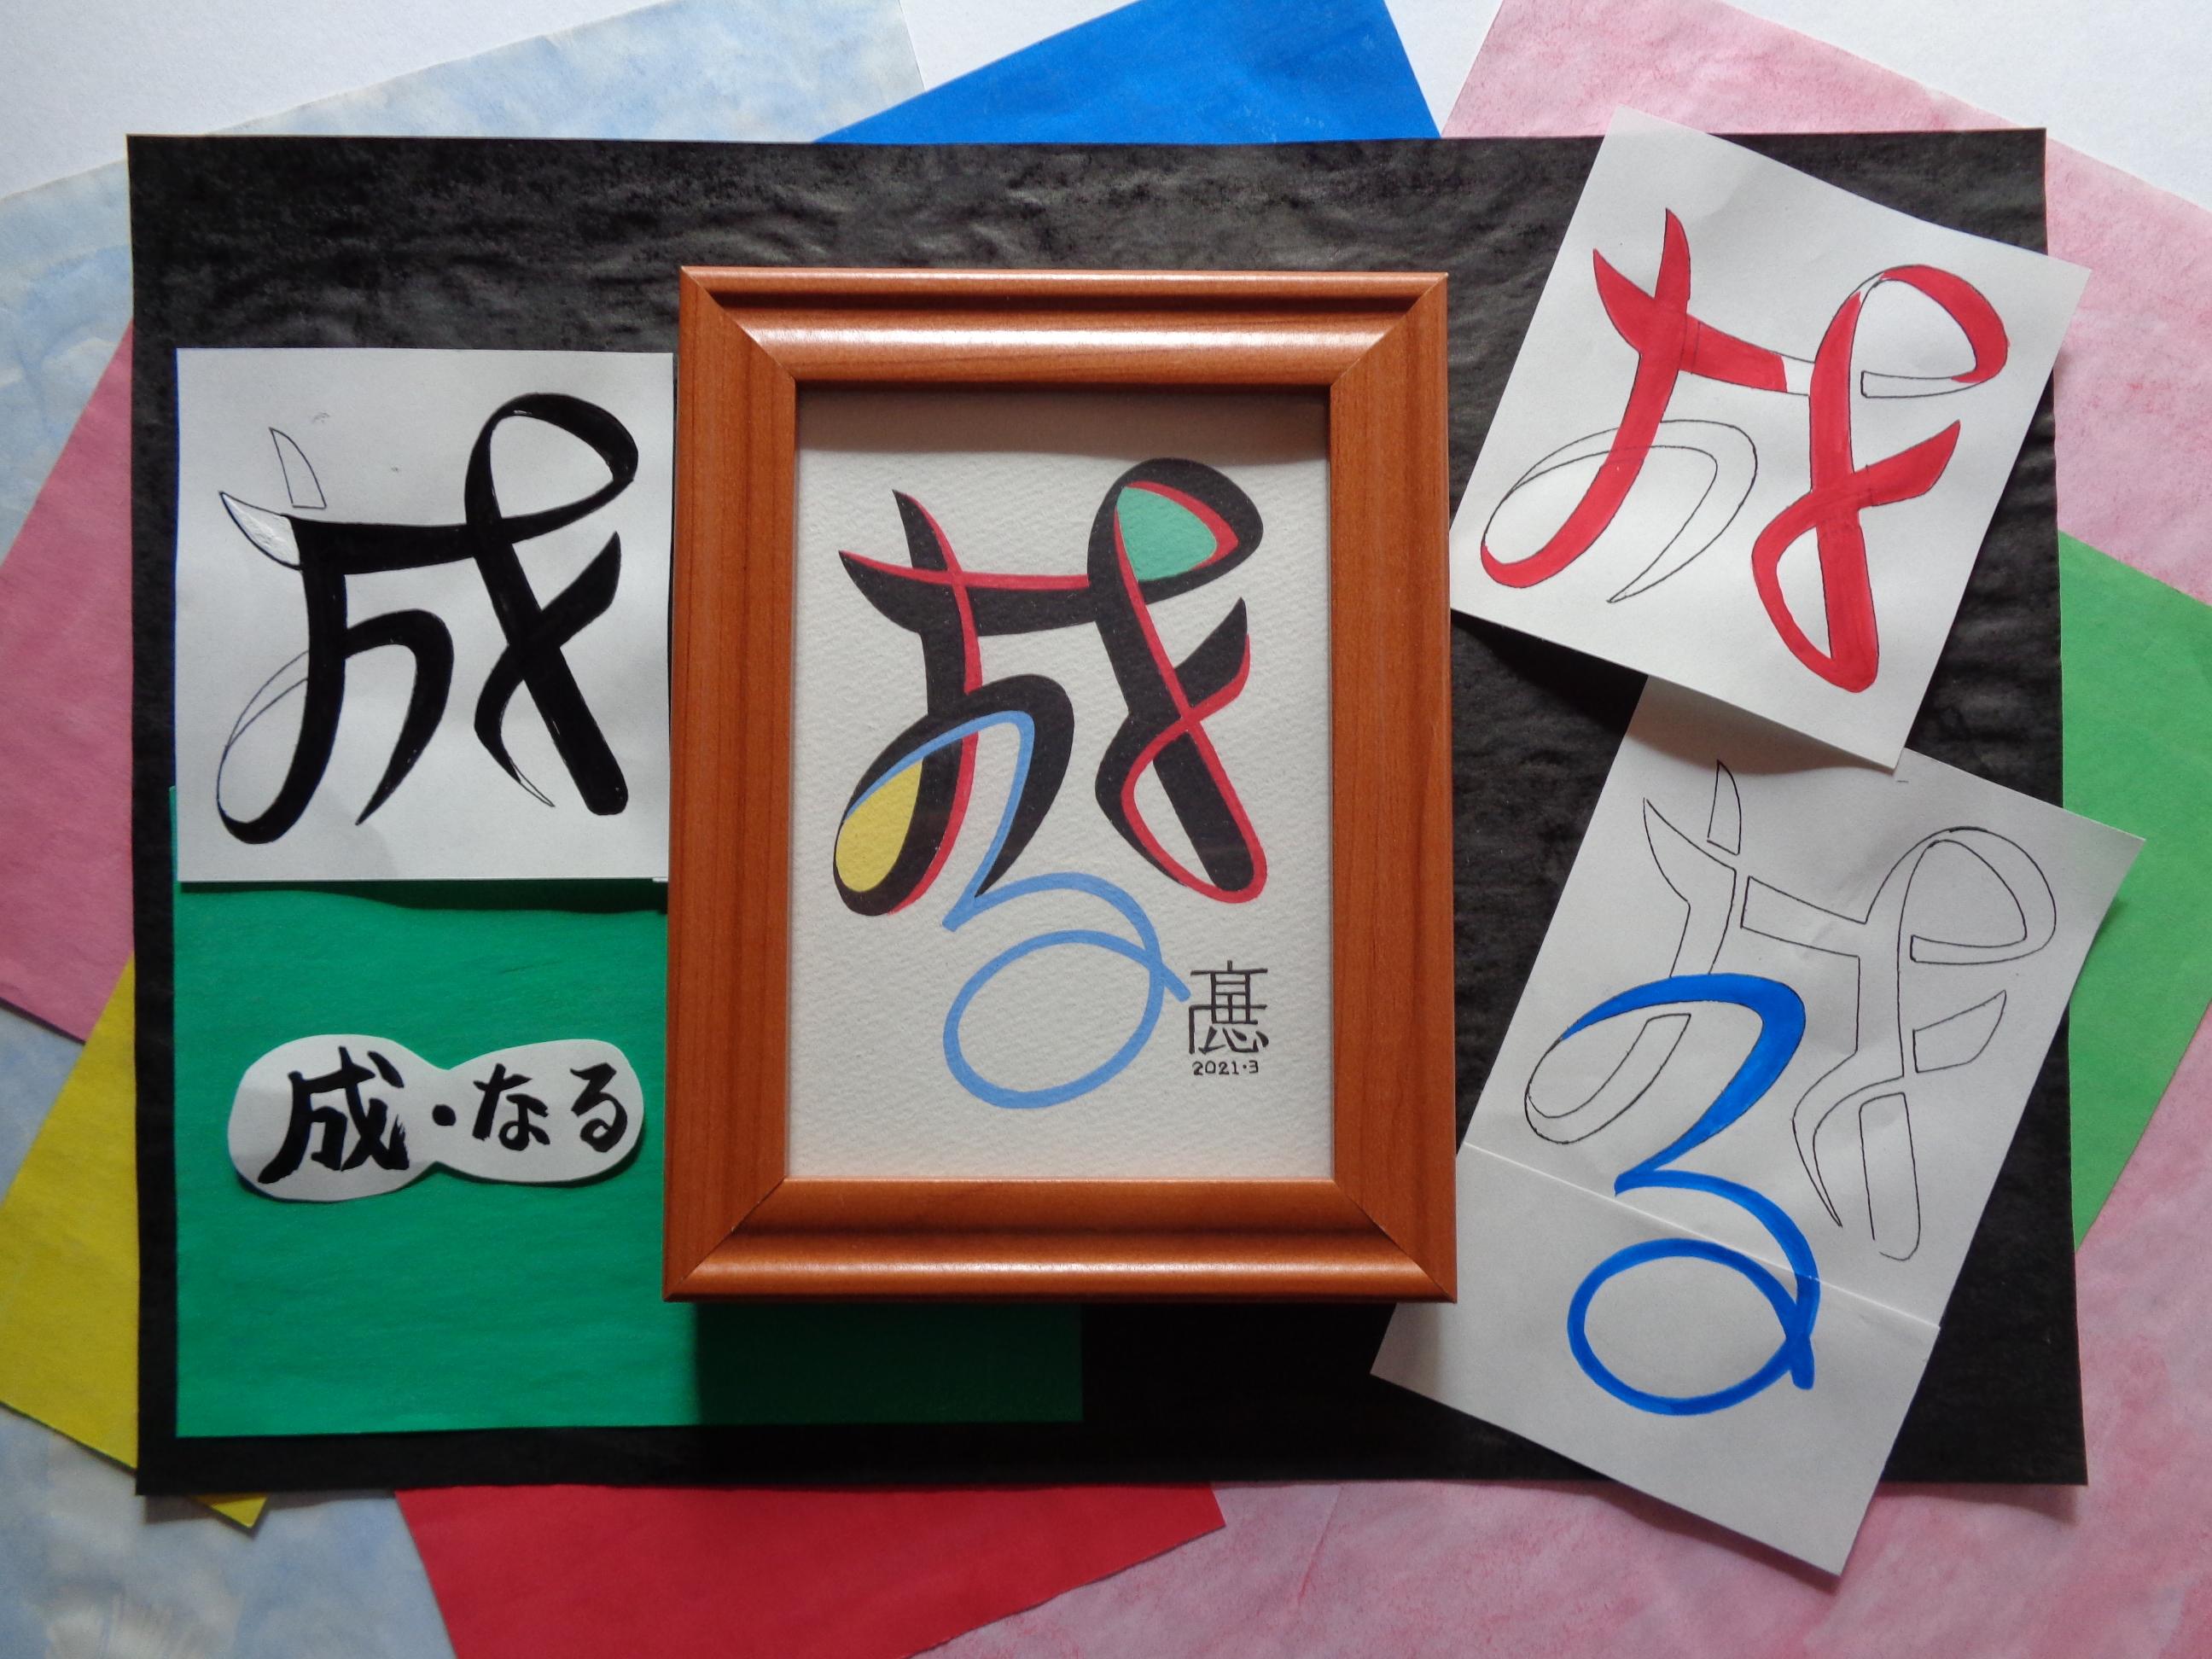 イラスト原画(写真サイズ) 成・なる<カラー>